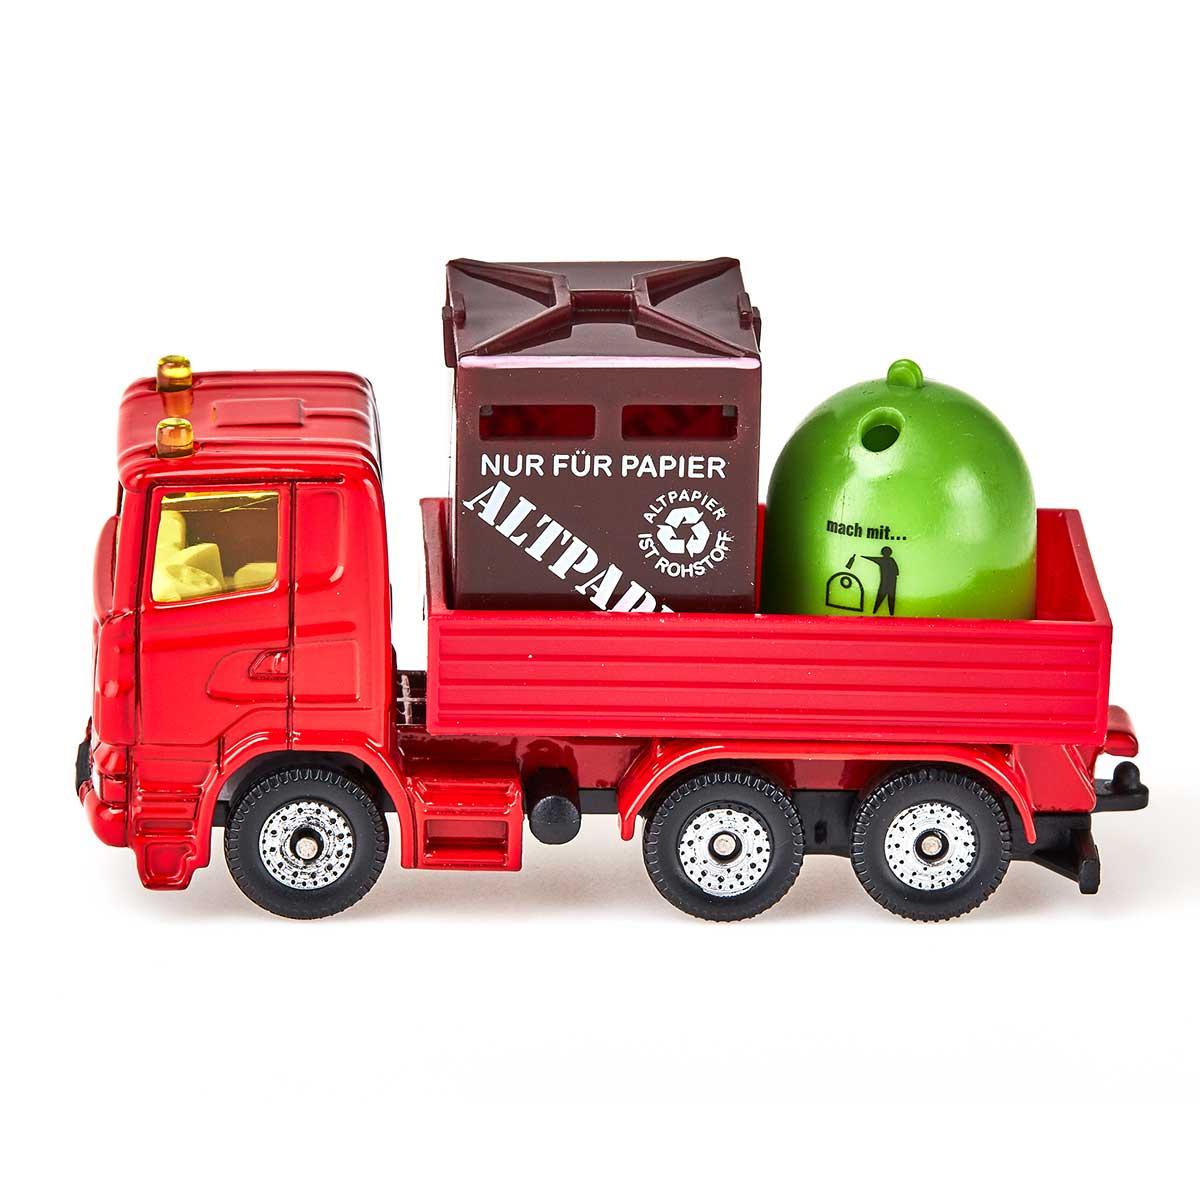 リサイクル品回収トラック(ジク・SIKU)